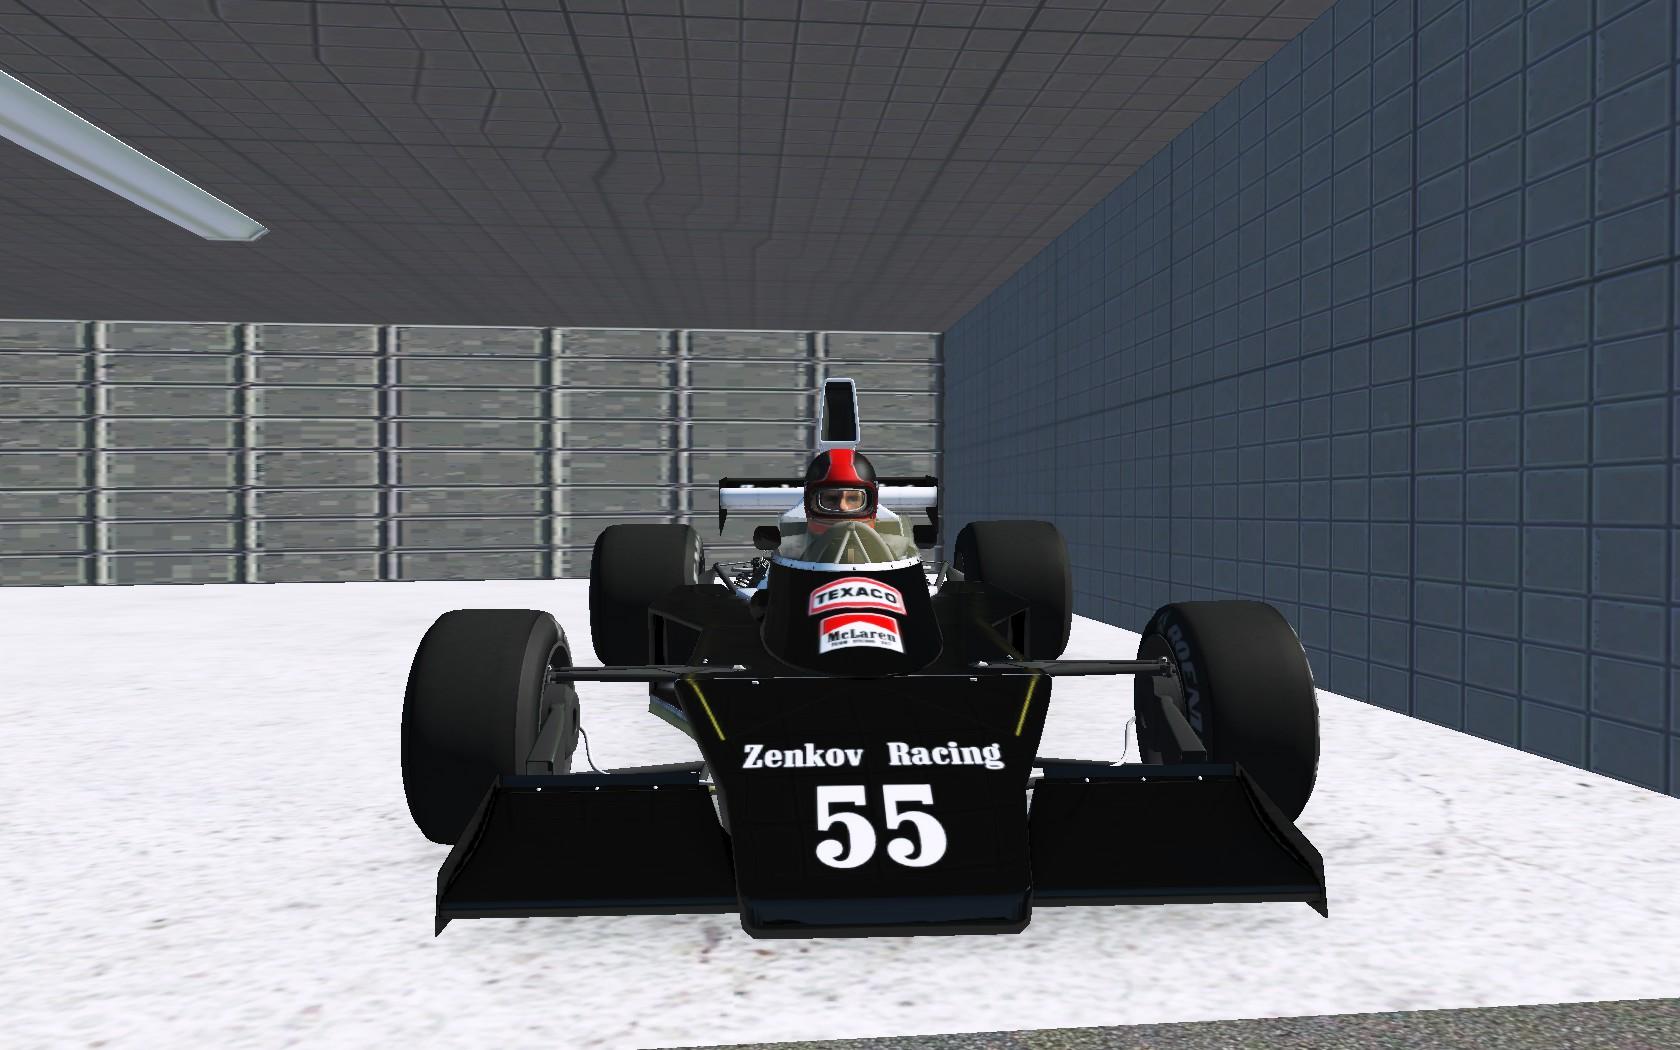 GP247 Speedweeks II - Grand Prix (March 21-April 4) L83FNNrndxc